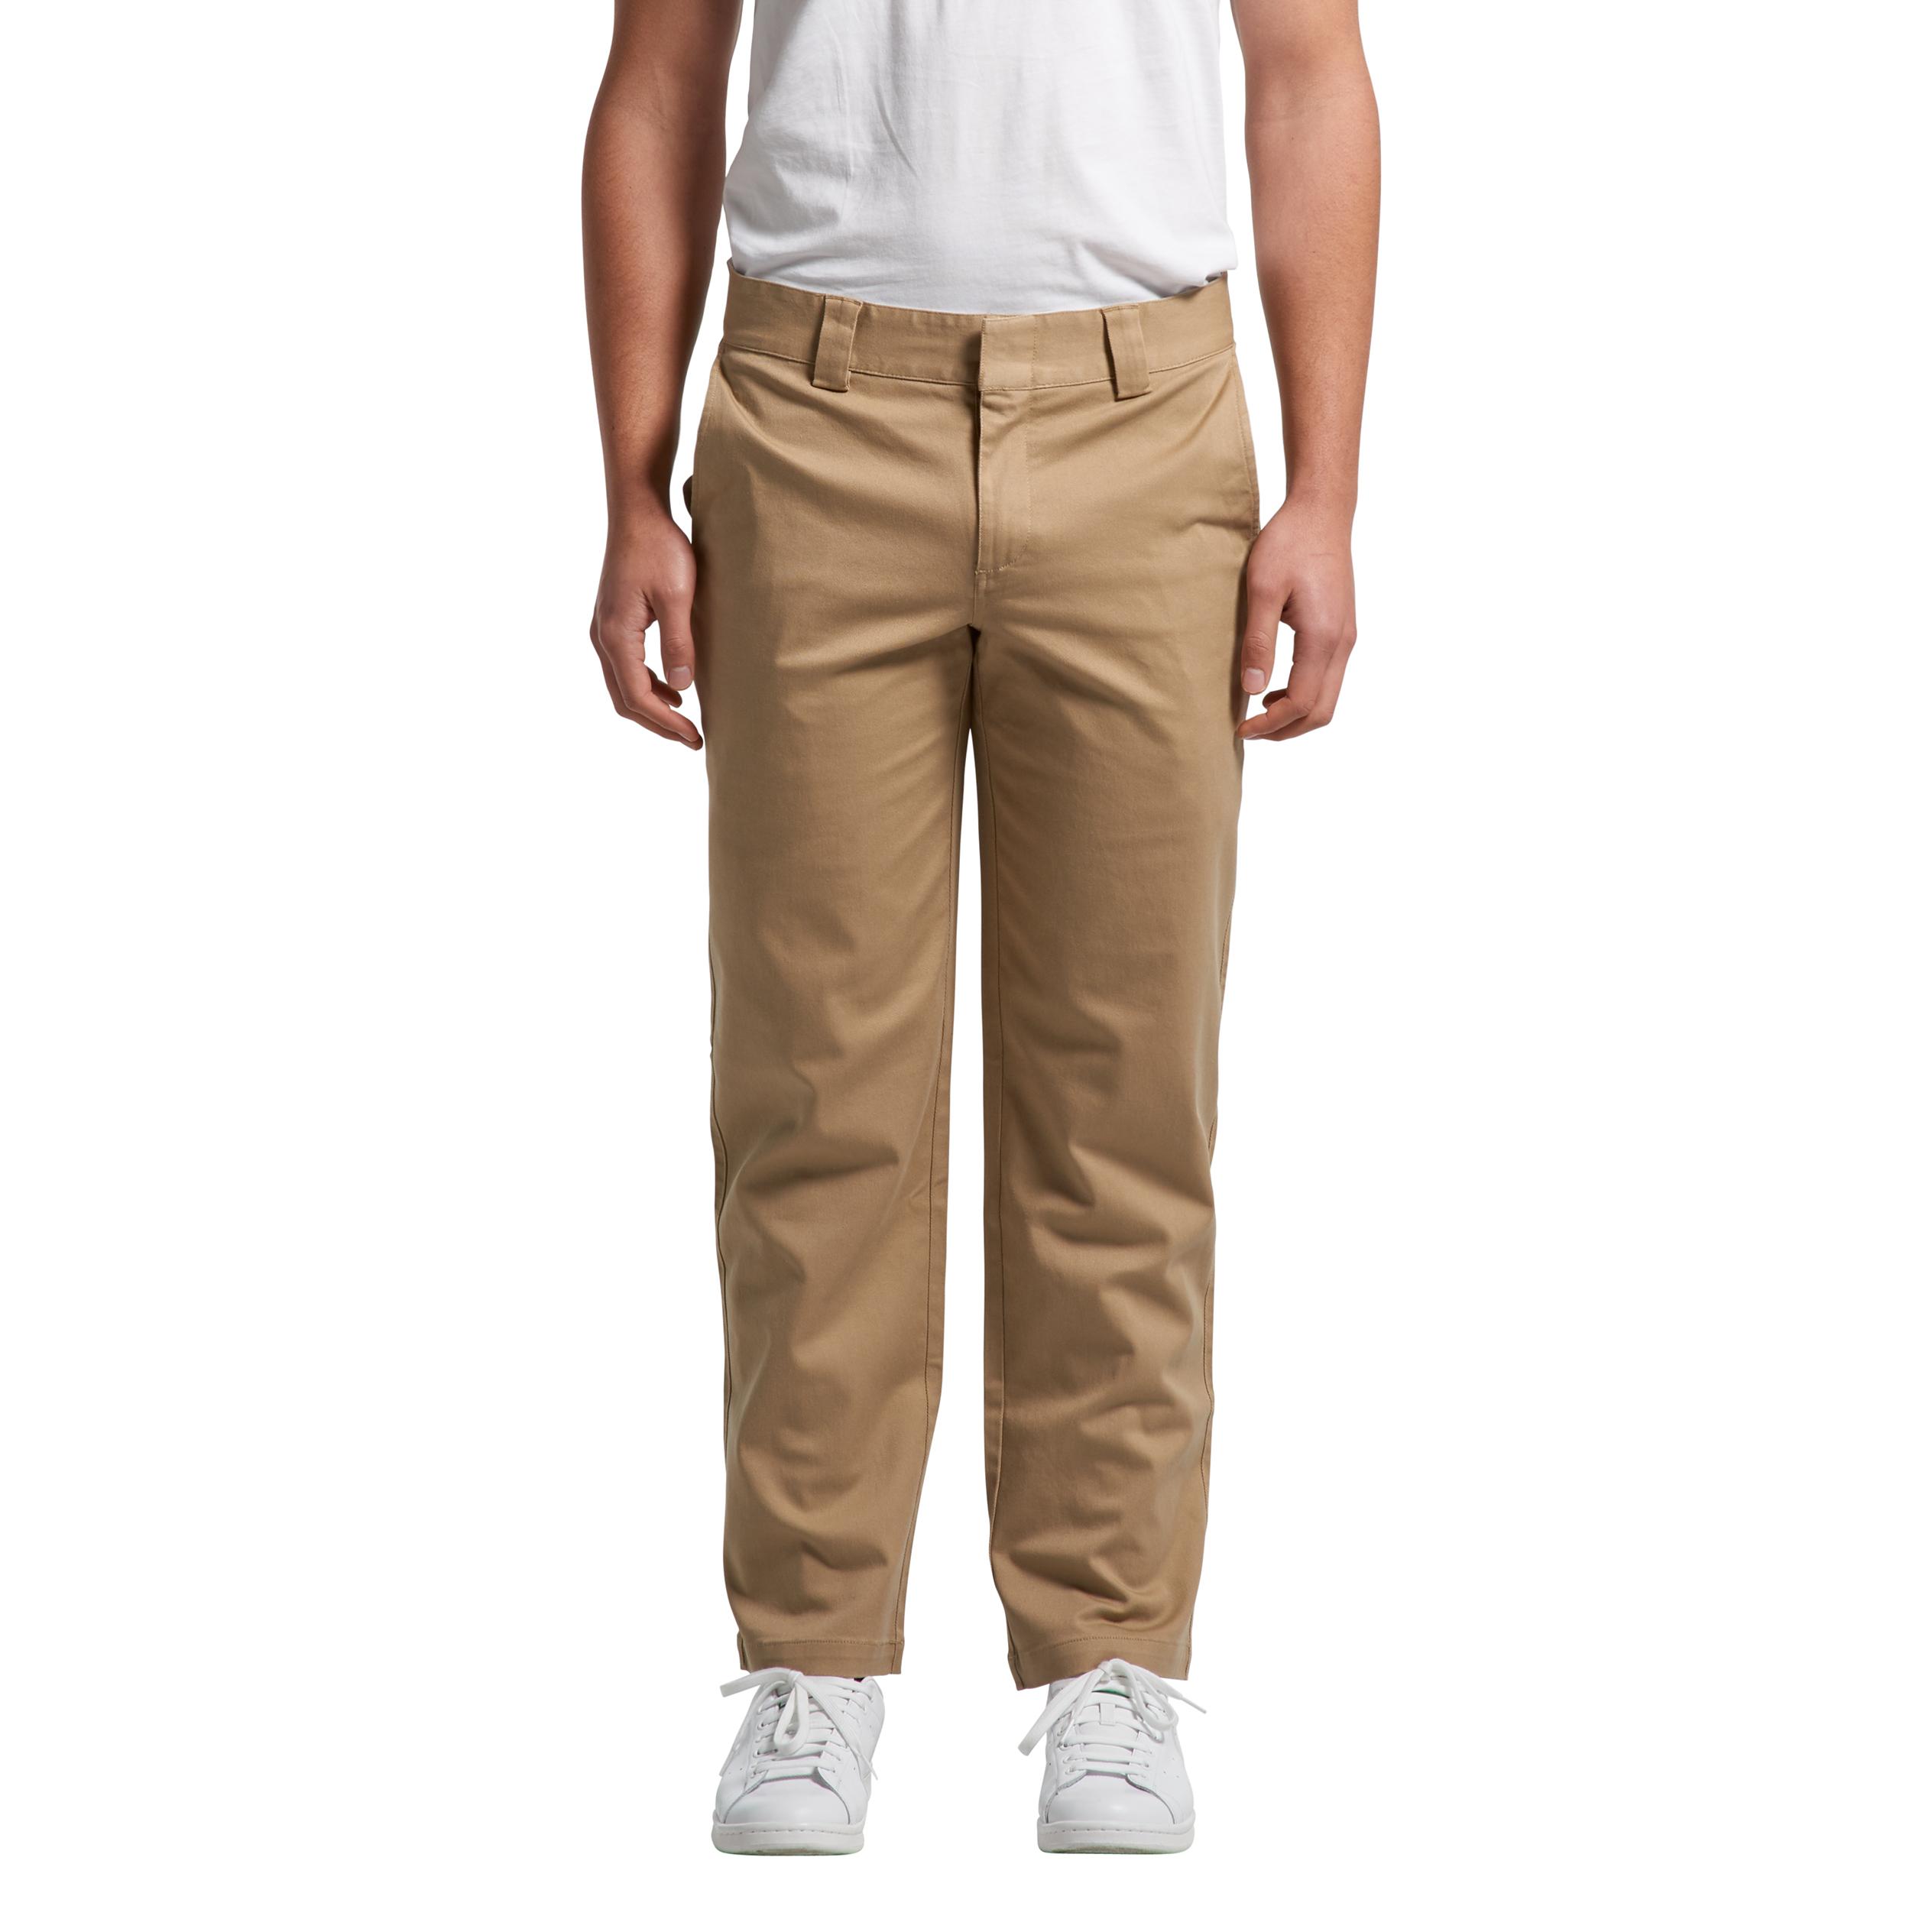 AS Colour Regular Pant (5914_AS)